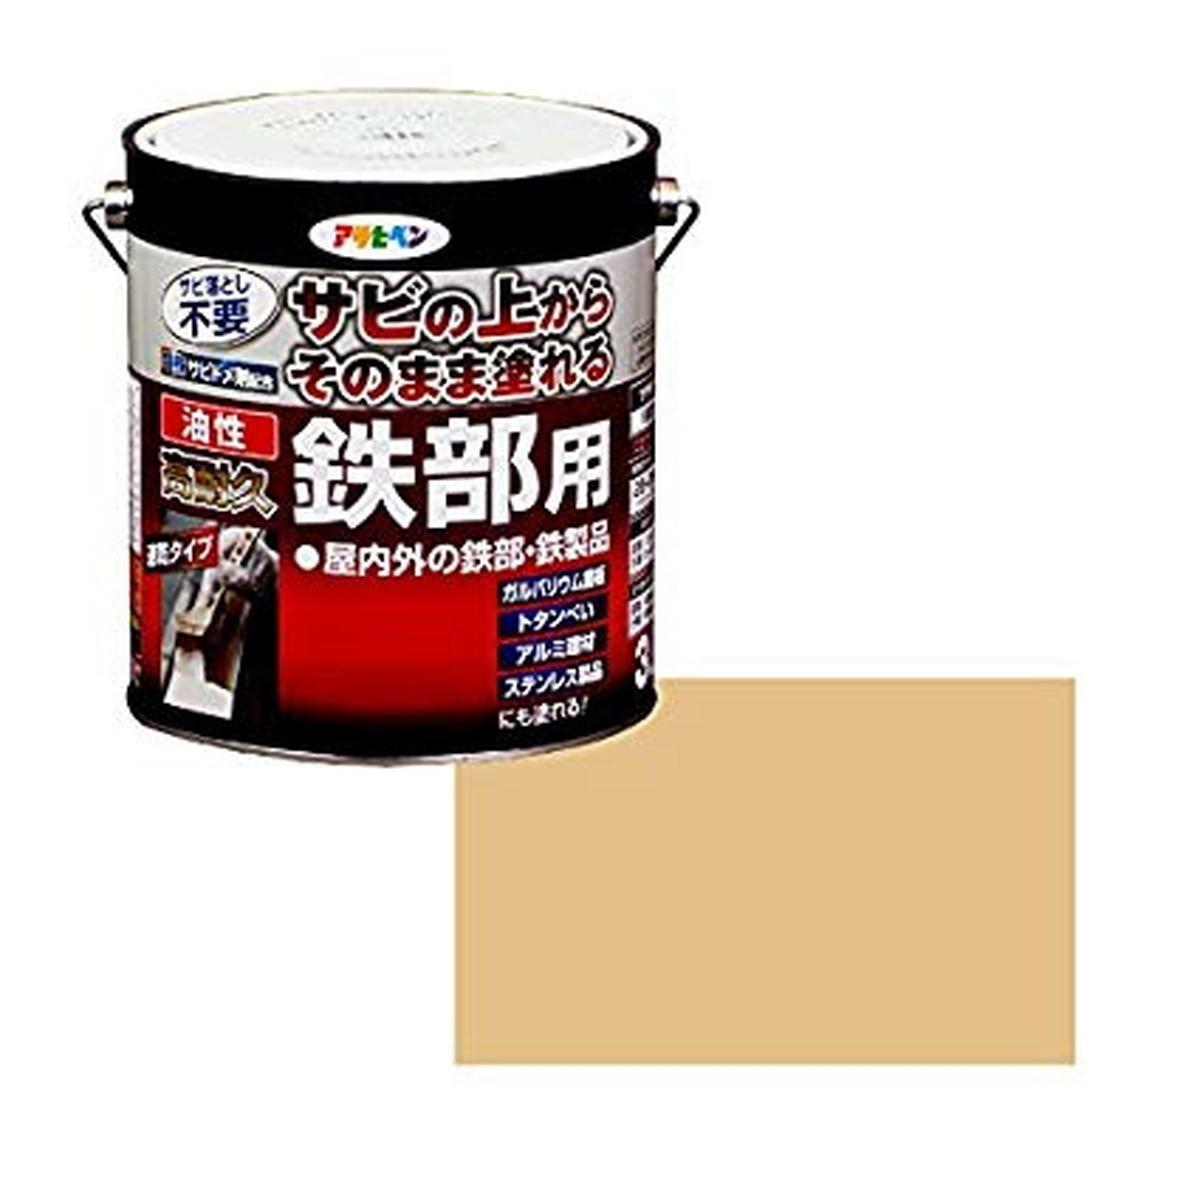 アサヒペン 油性高耐久鉄部用 ミルキーホワイト 3L【クーポン配布中】